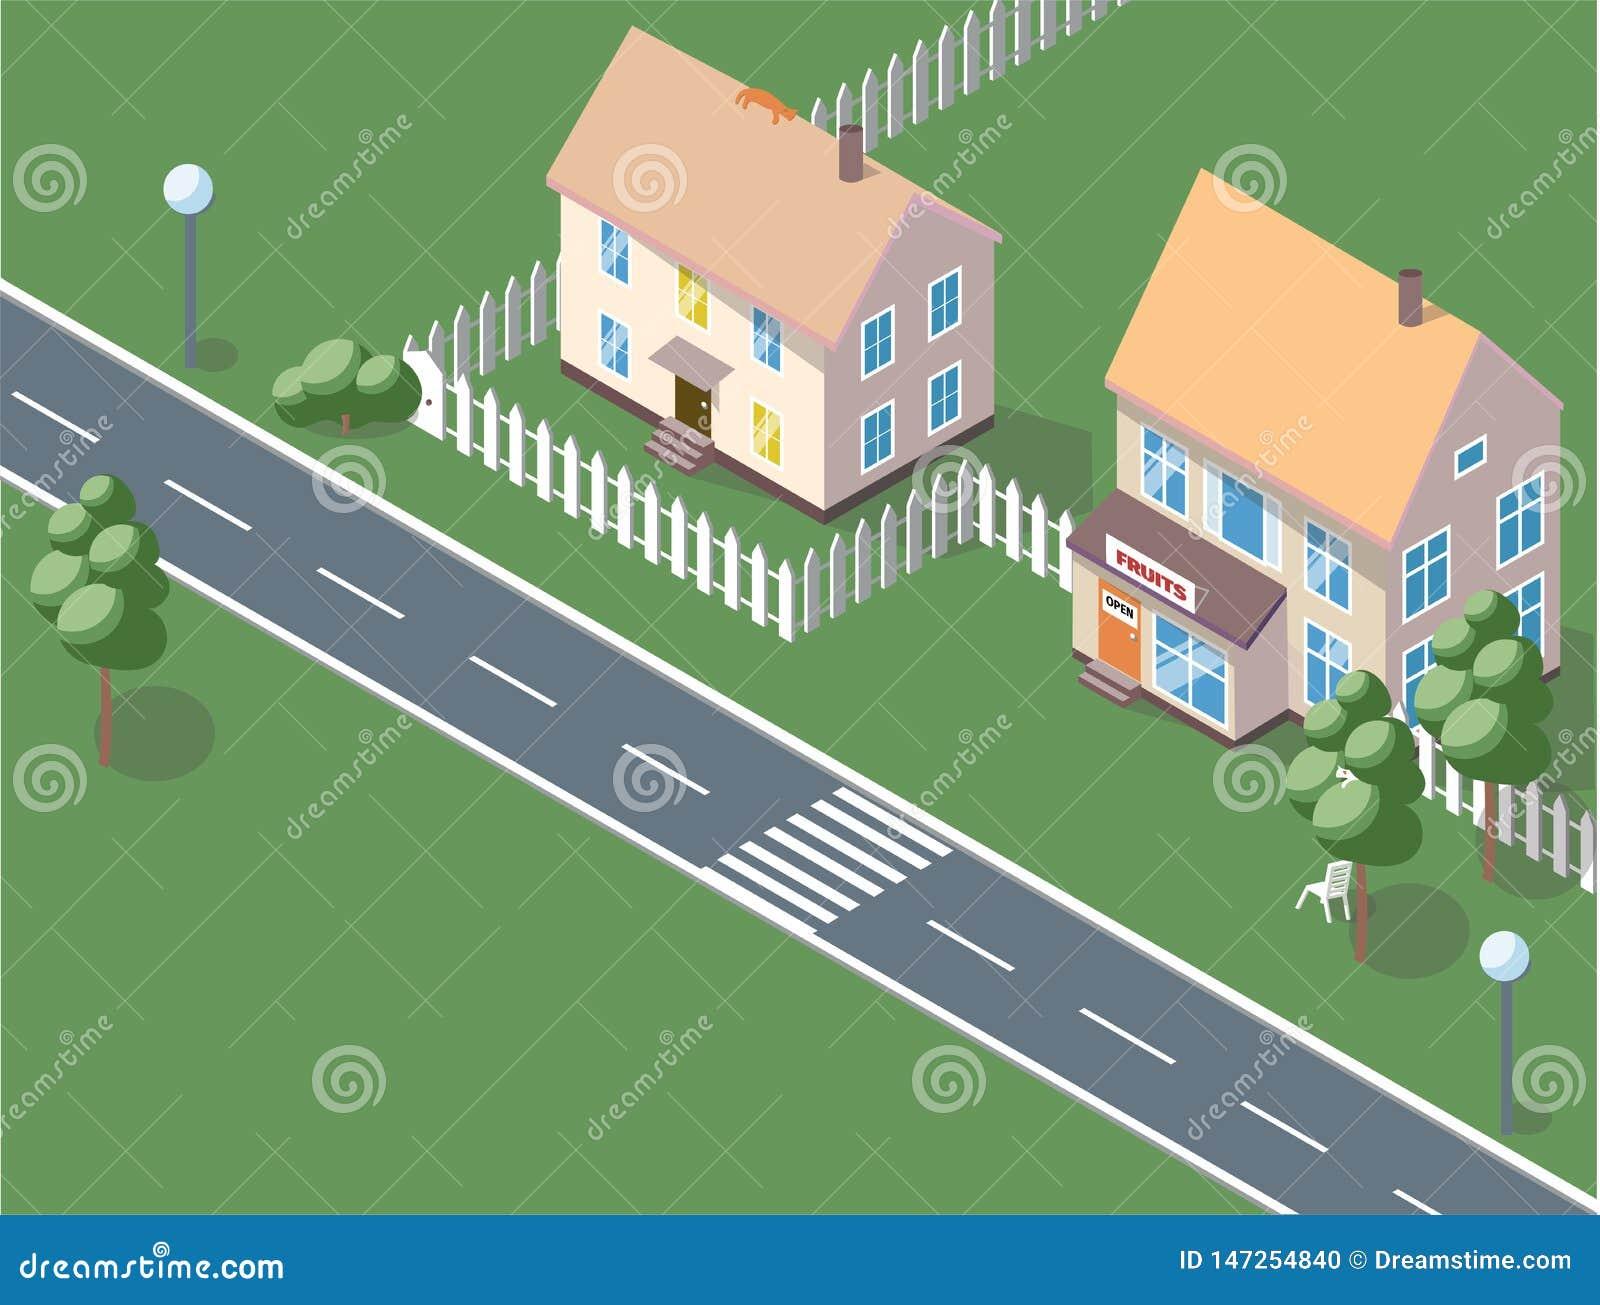 Υπόβαθρο πόλεων - σύγχρονη επίπεδη διανυσματική απεικόνιση ύφους σχεδίου στο άσπρο υπόβαθρο Καλή κατοικία σύνθετη με μικρό